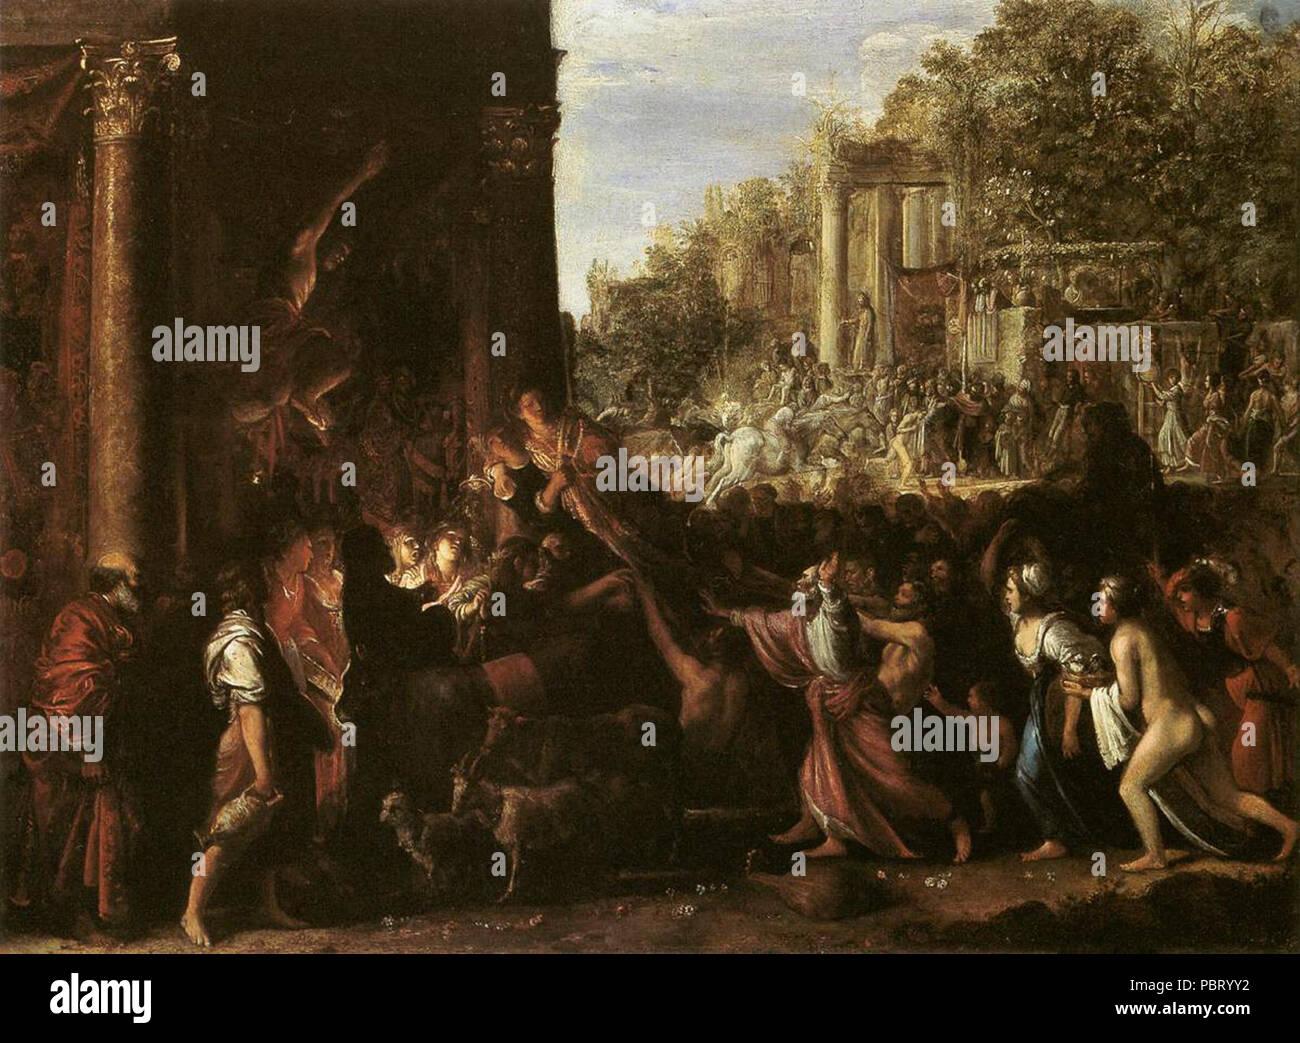 Elsheimer Adam - Il contento - WGA7492. Immagini Stock